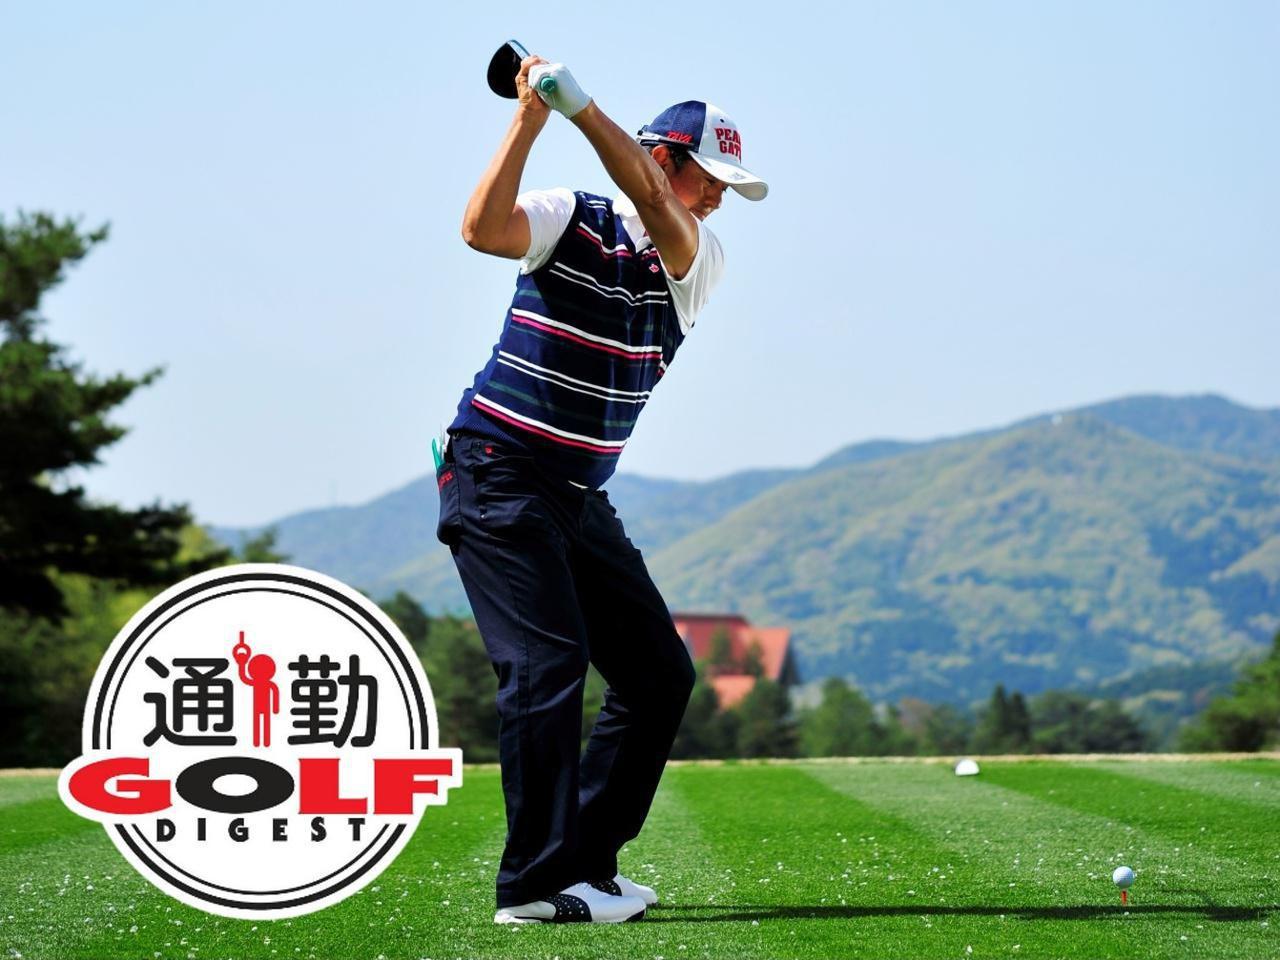 画像: 【通勤GD】芹澤信雄「1番ホールの木の下で…」Vol.54 ミスしたらどうなるか打つ前に考えよう ゴルフダイジェストWEB - ゴルフへ行こうWEB by ゴルフダイジェスト